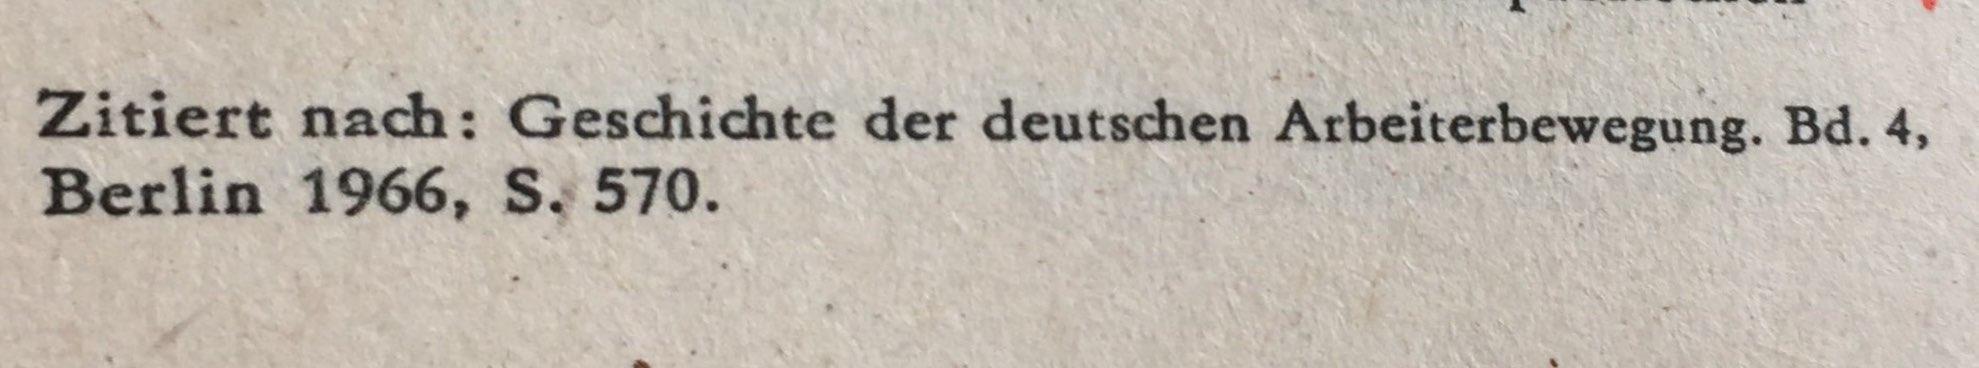 Quellenangabe BVG-Streik 1932